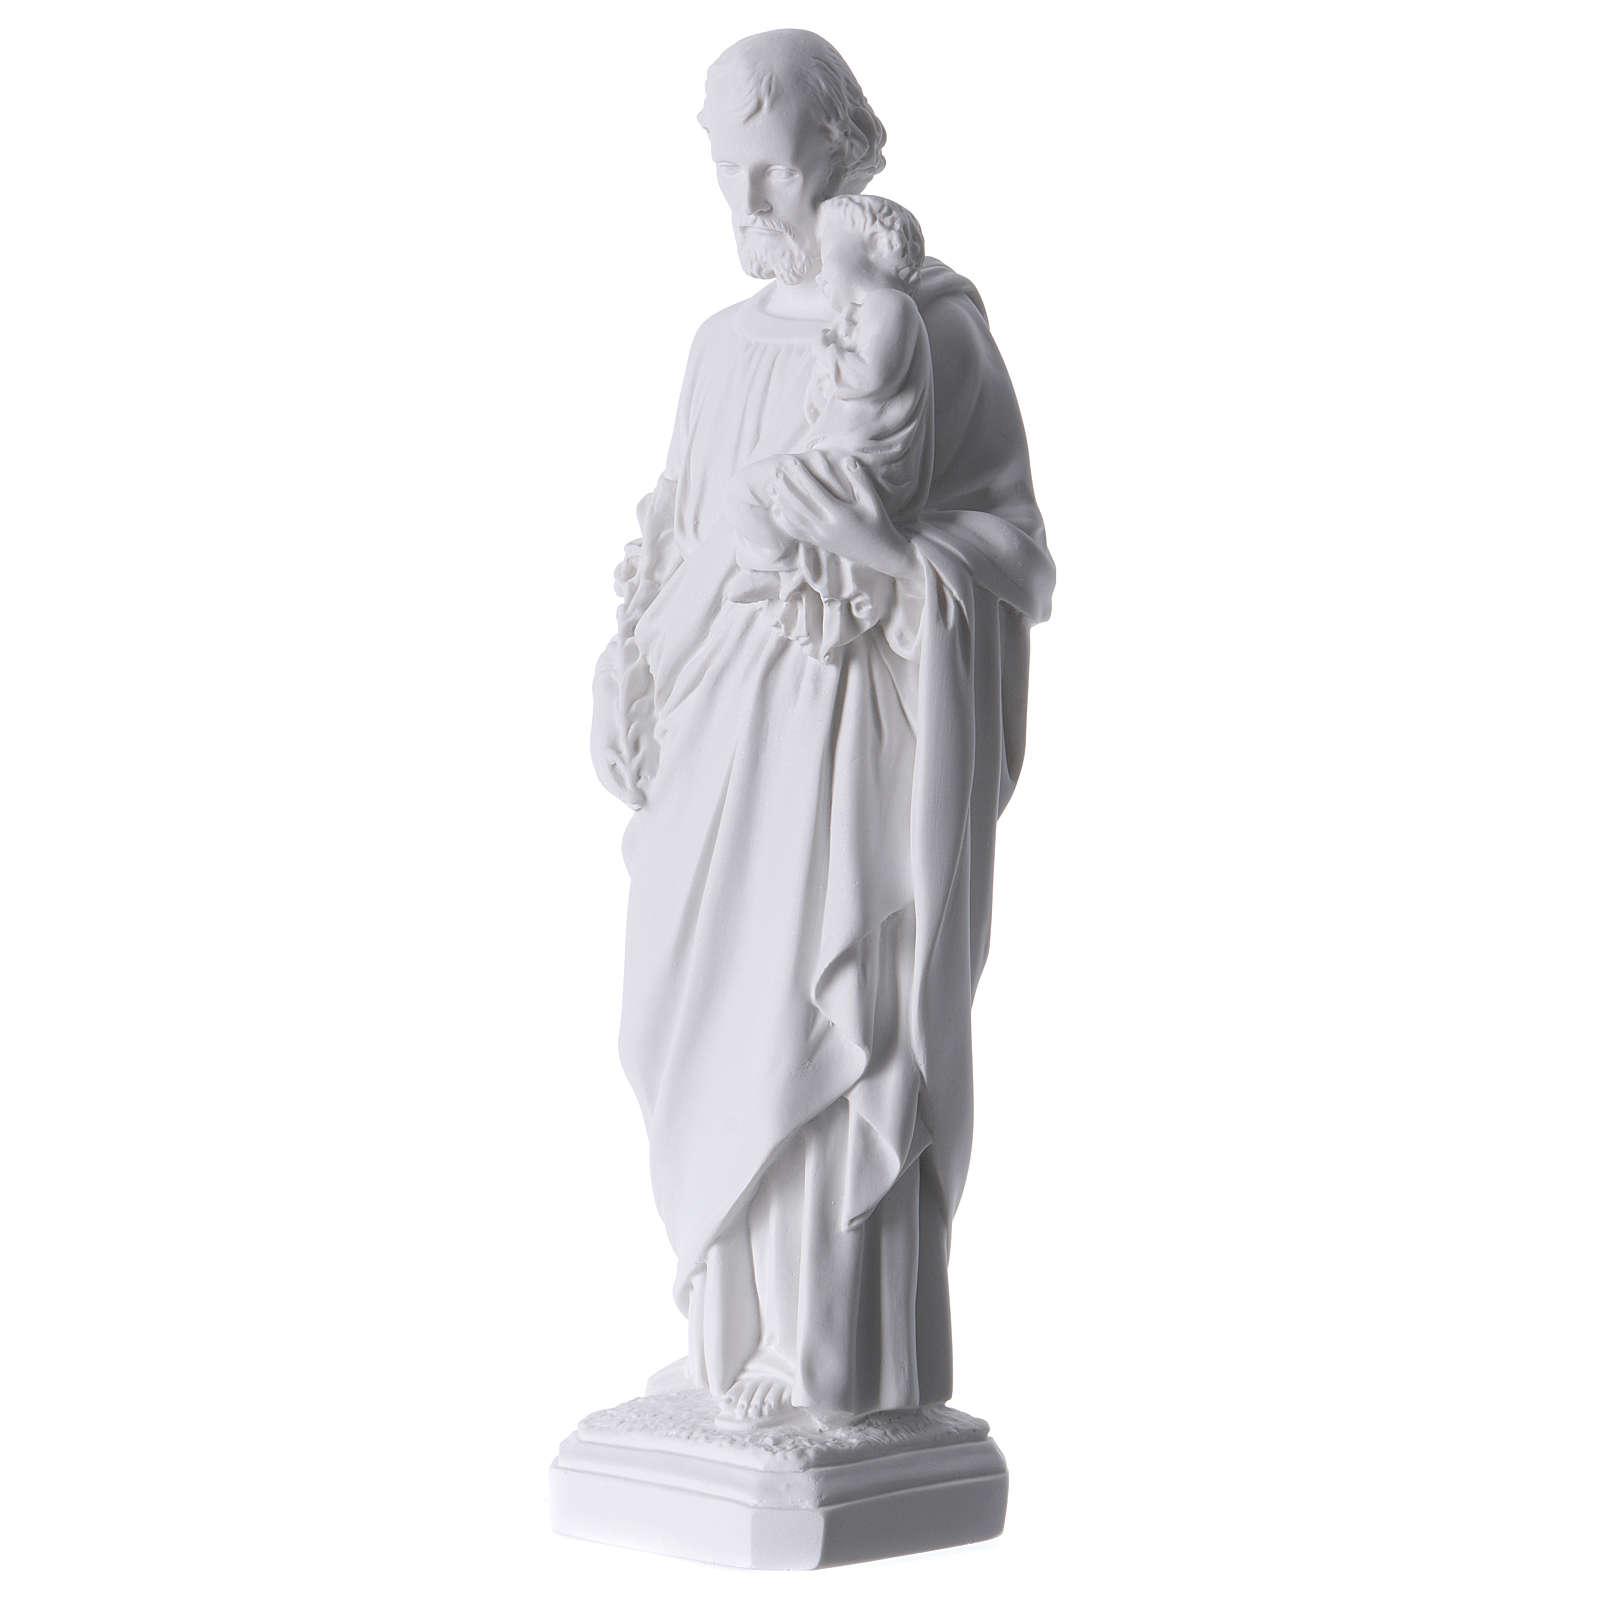 Imagem São José mármore sintético 30-40 cm 4